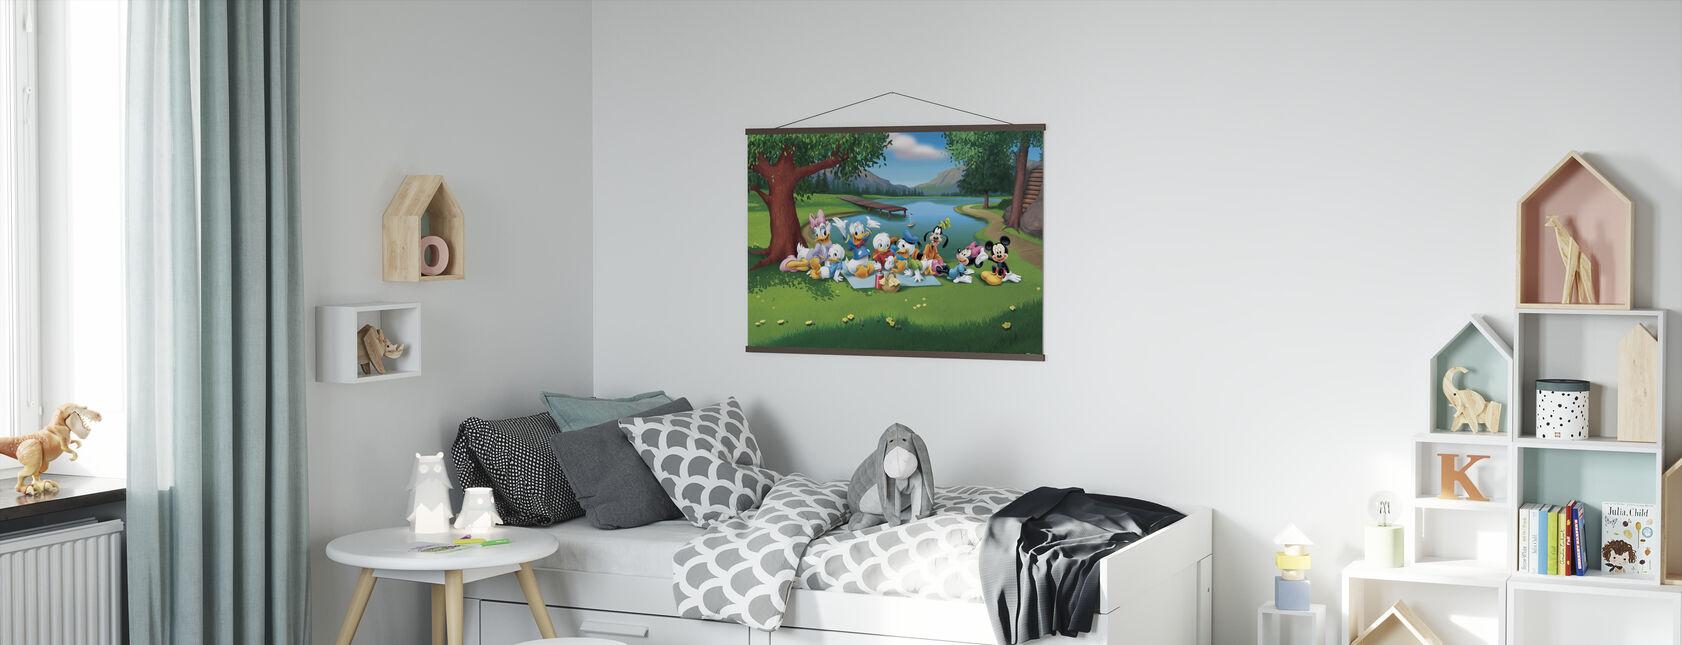 Mikki ja ystävät - Lampi - Juliste - Lastenhuone